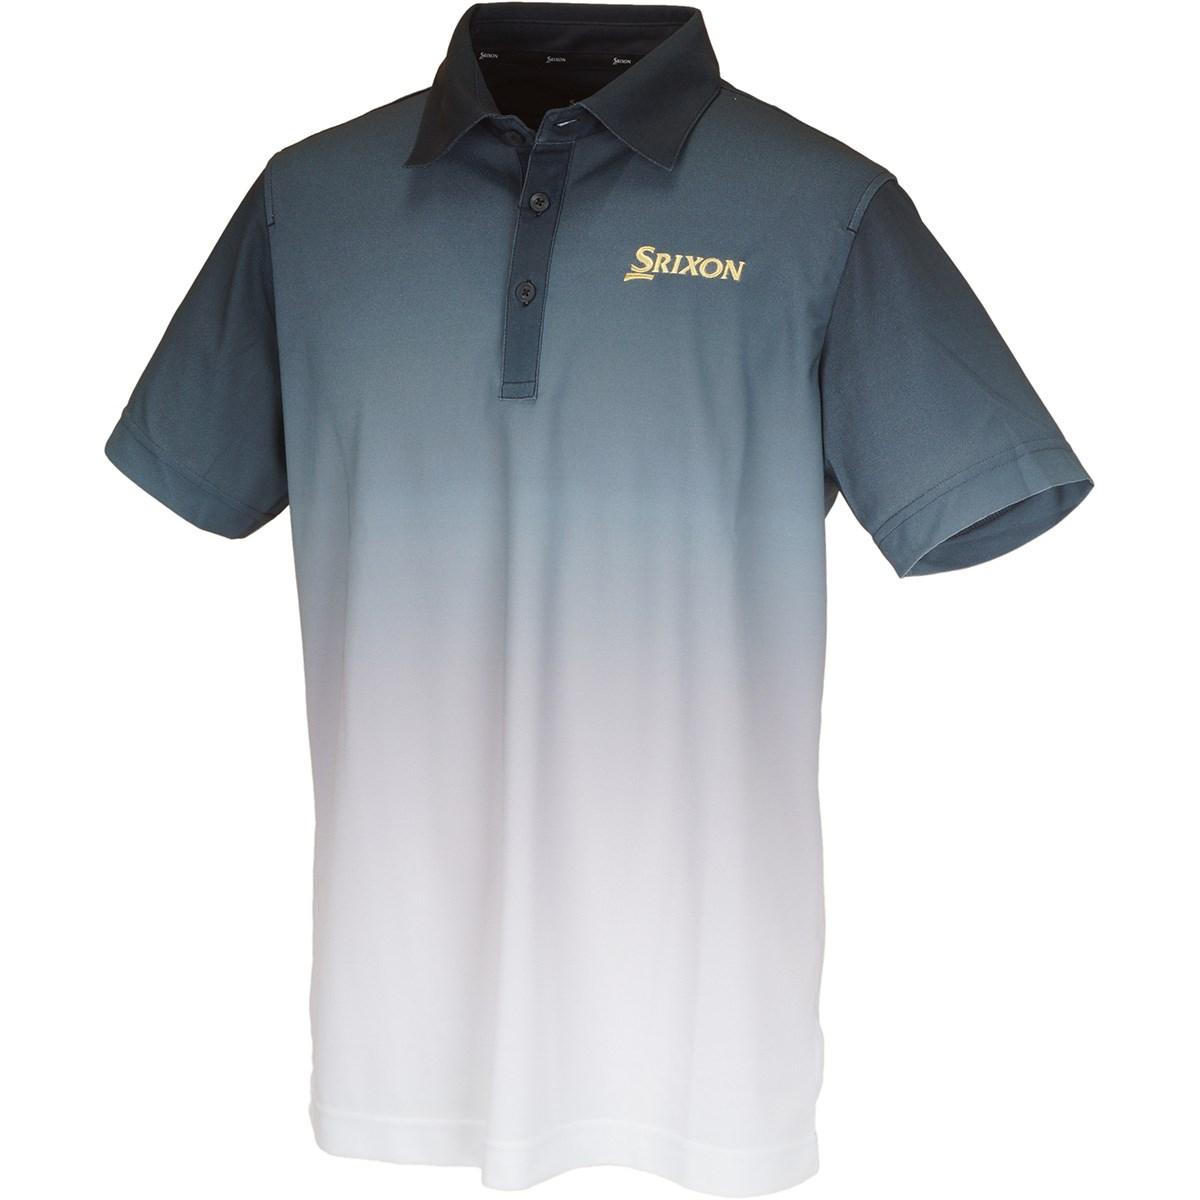 スリクソンゴルフ SRIXON COOLISTグラデーションプリント 半袖ポロシャツ 3L ブラック 00